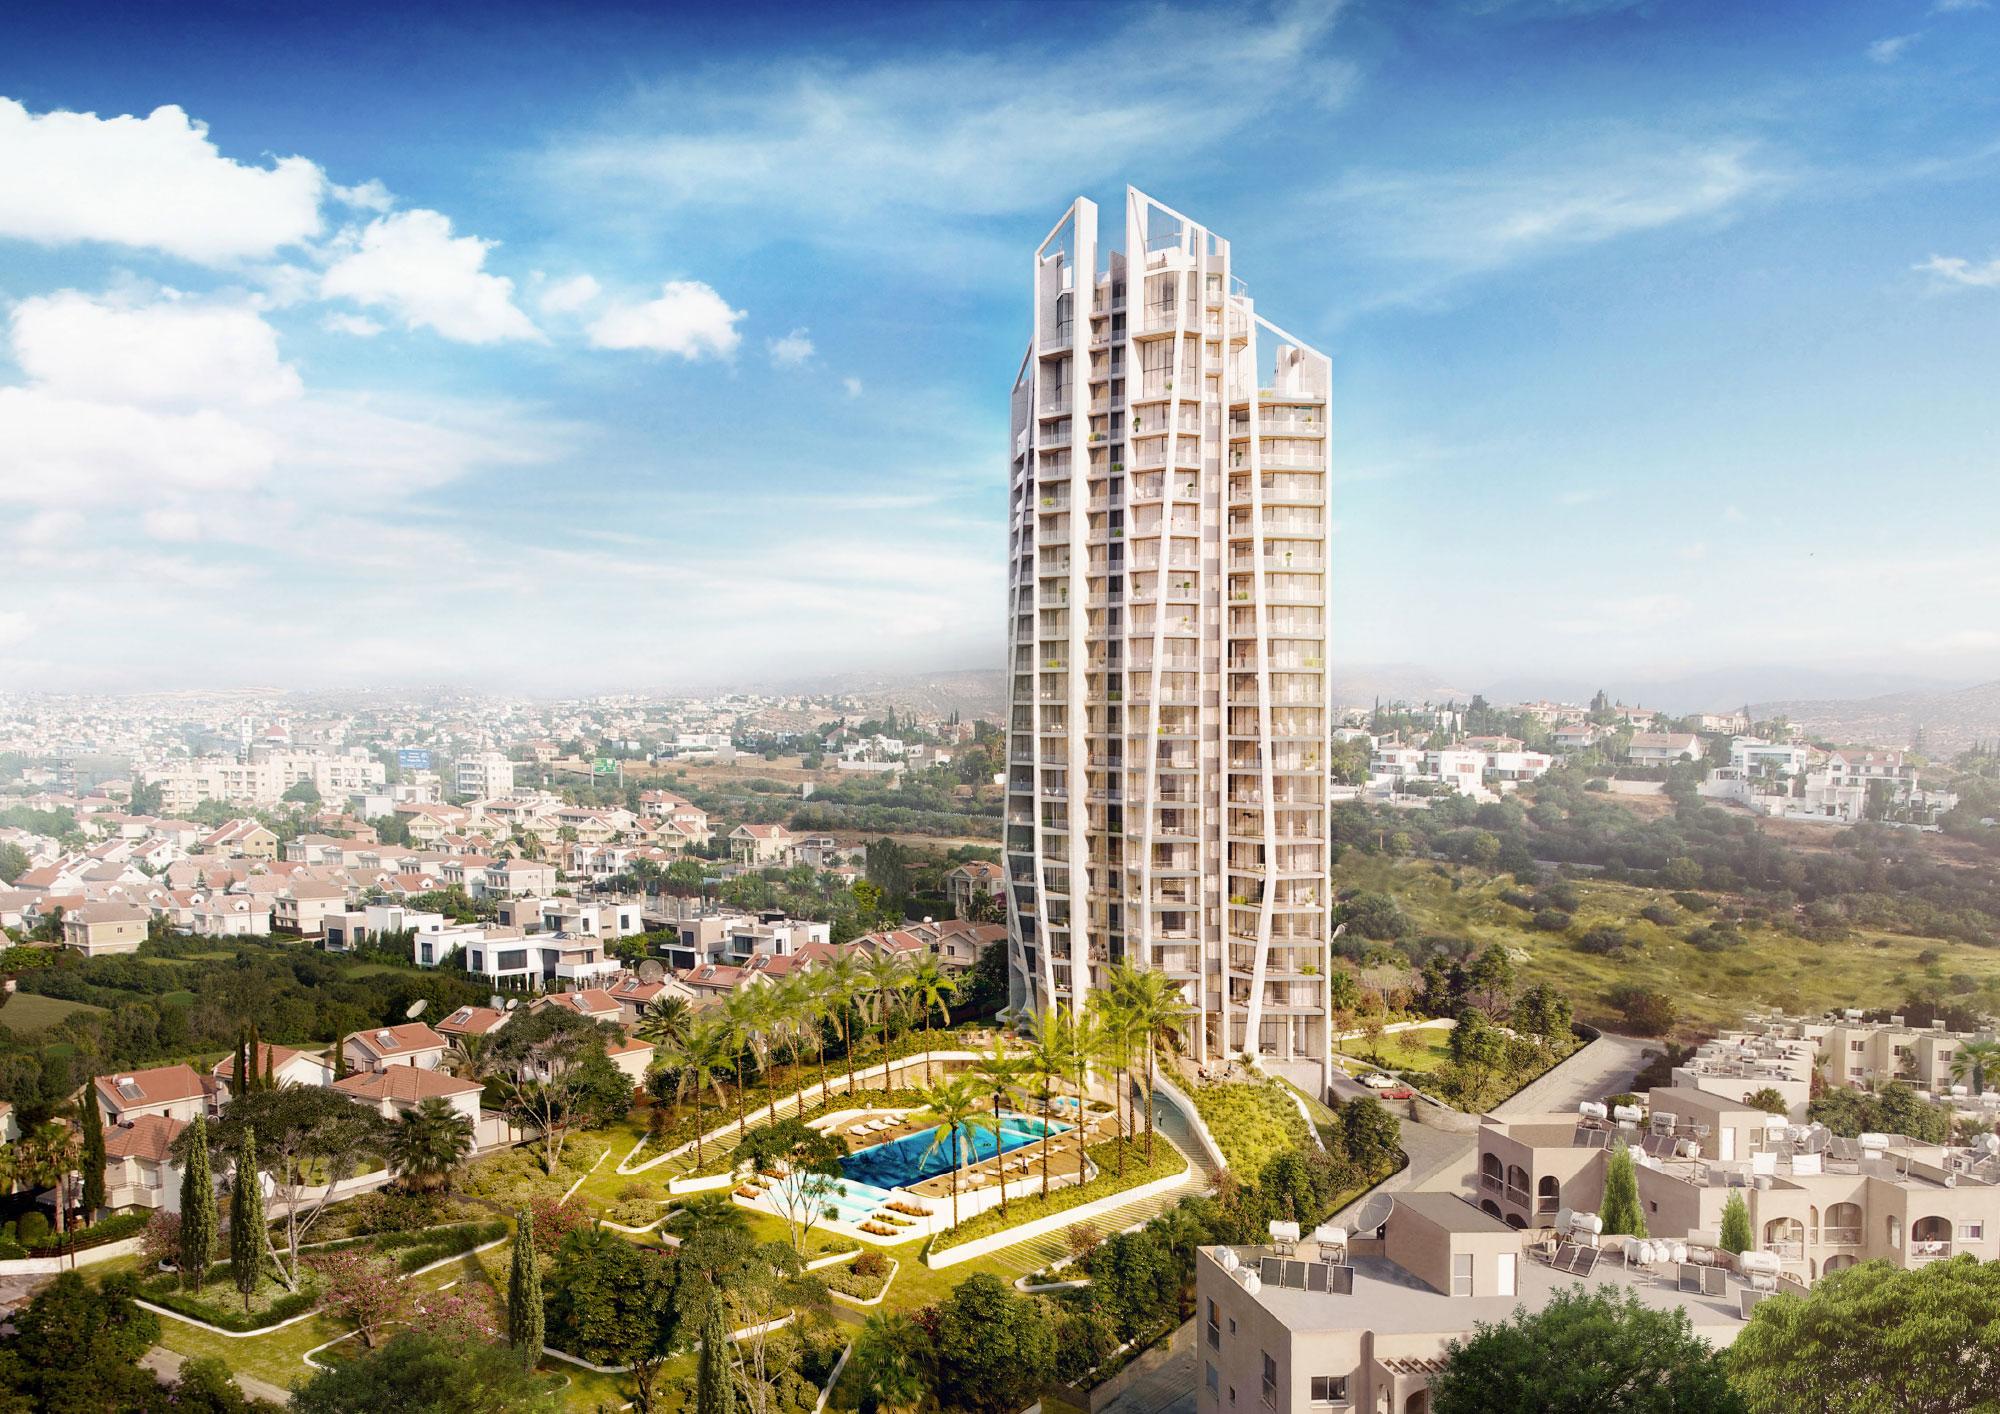 Skytower, Limassol